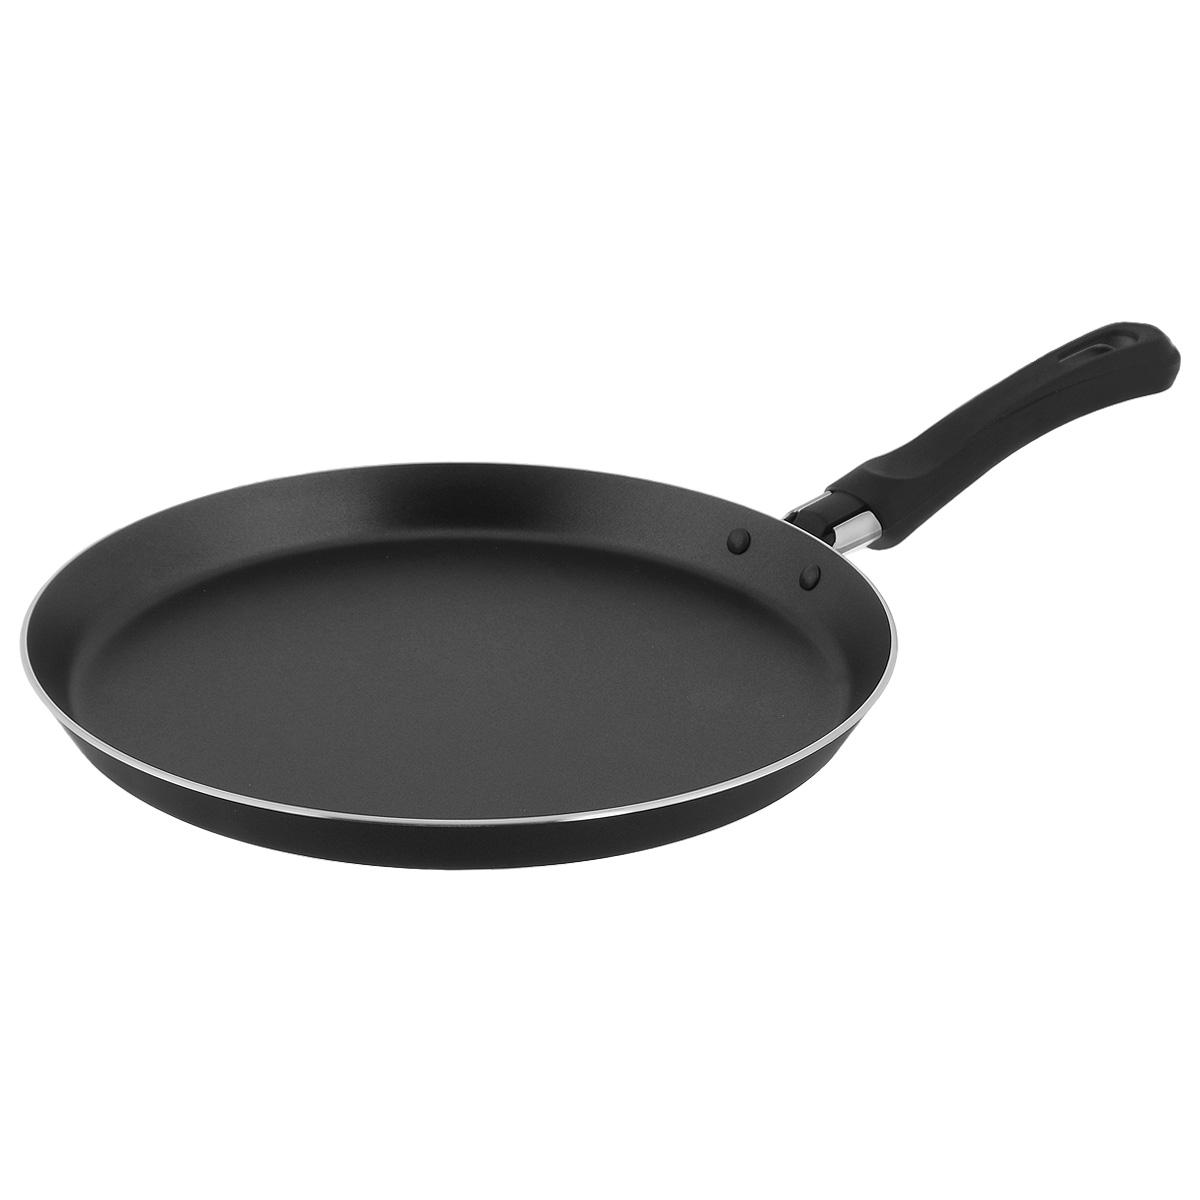 Сковорода блинная TVS Basilico, с антипригарным покрытием, цвет: черный. Диаметр 25 см сковорода wok tvs basilico d 27 см 10501